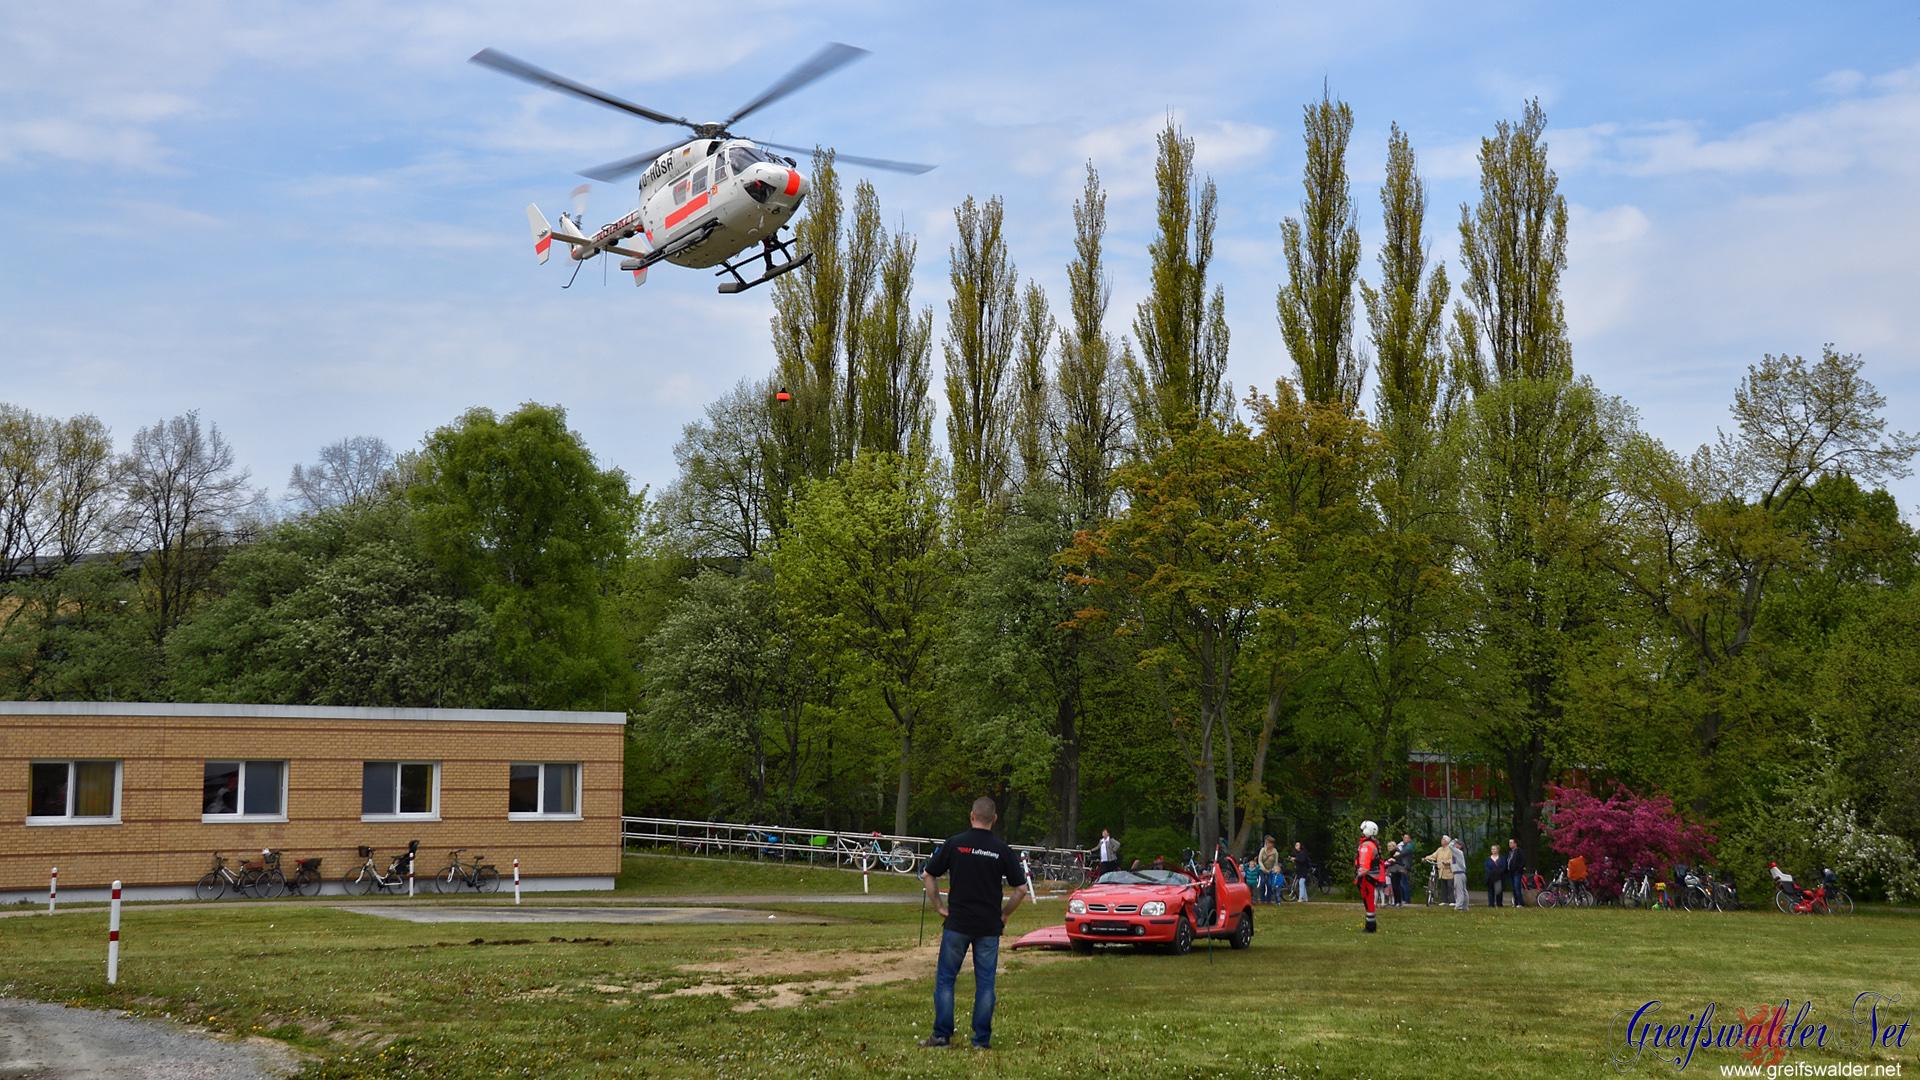 Rettungshubschrauber Übung